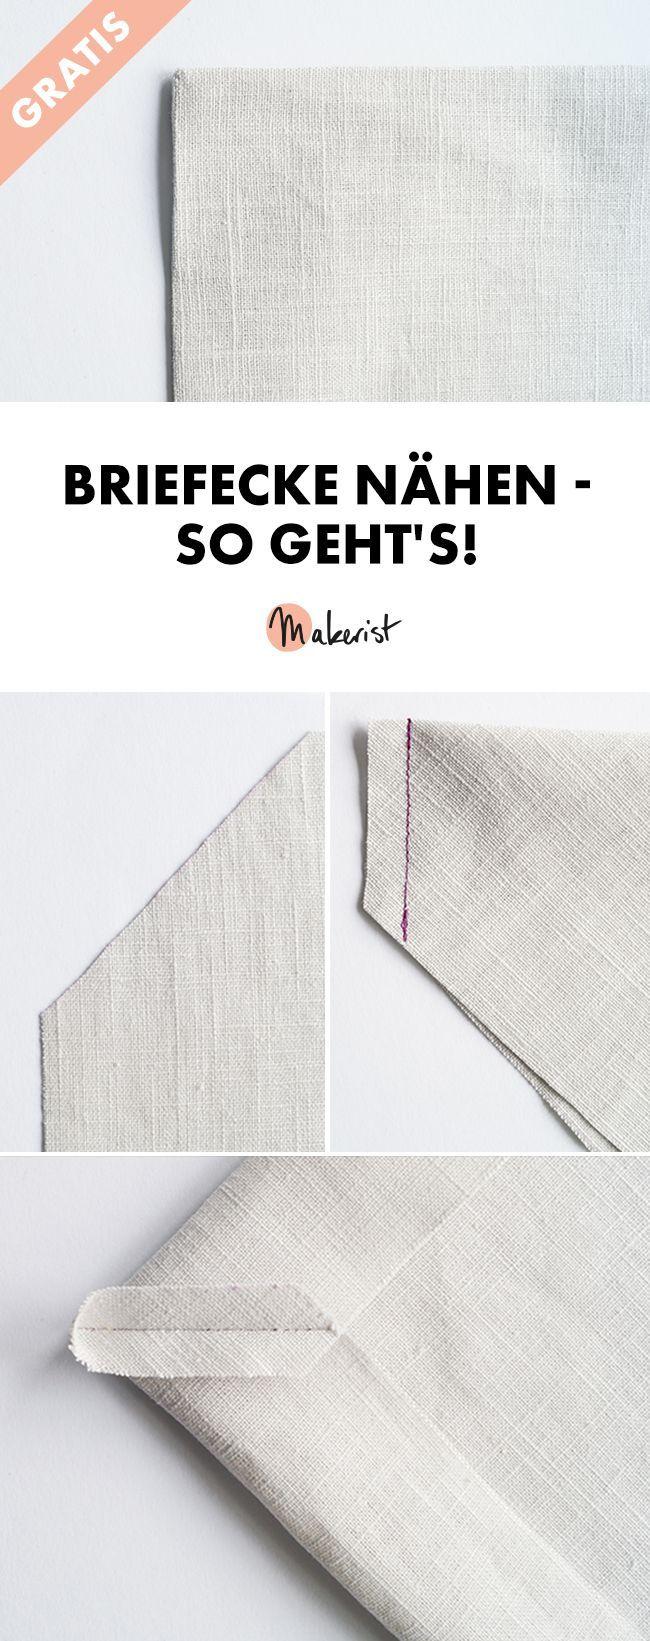 392 besten Sewing ideas Bilder auf Pinterest | Accessoirs ...